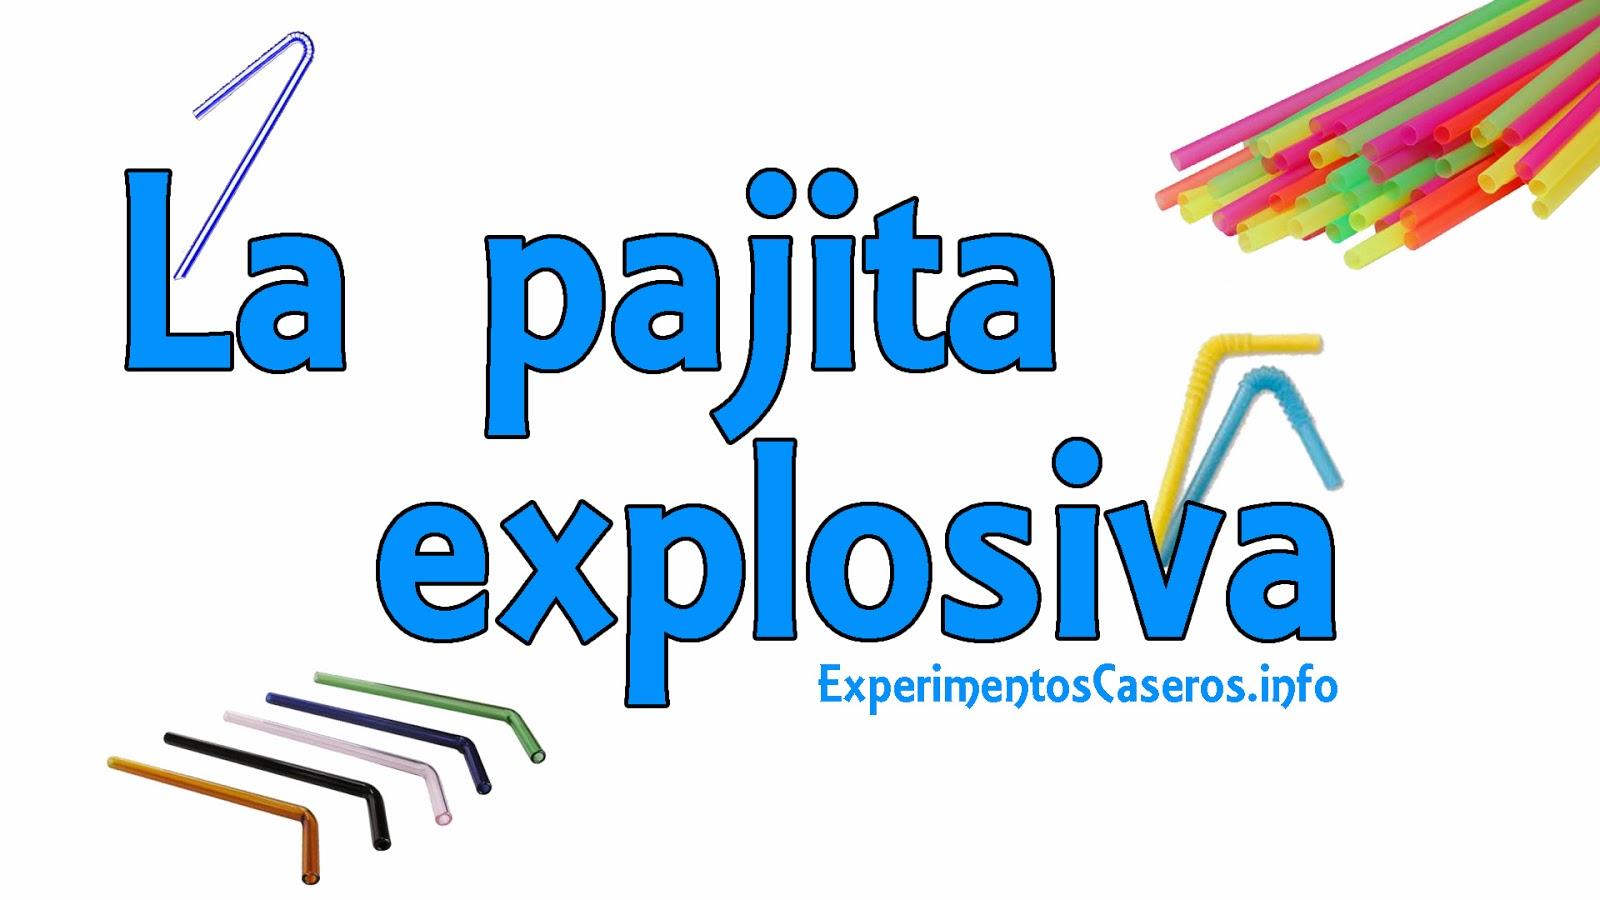 La pajita explosiva, experimento, experimentos, experimentos caseros, experimentos de física, experimentos para niños, feria de ciencias, experimentos divertidos